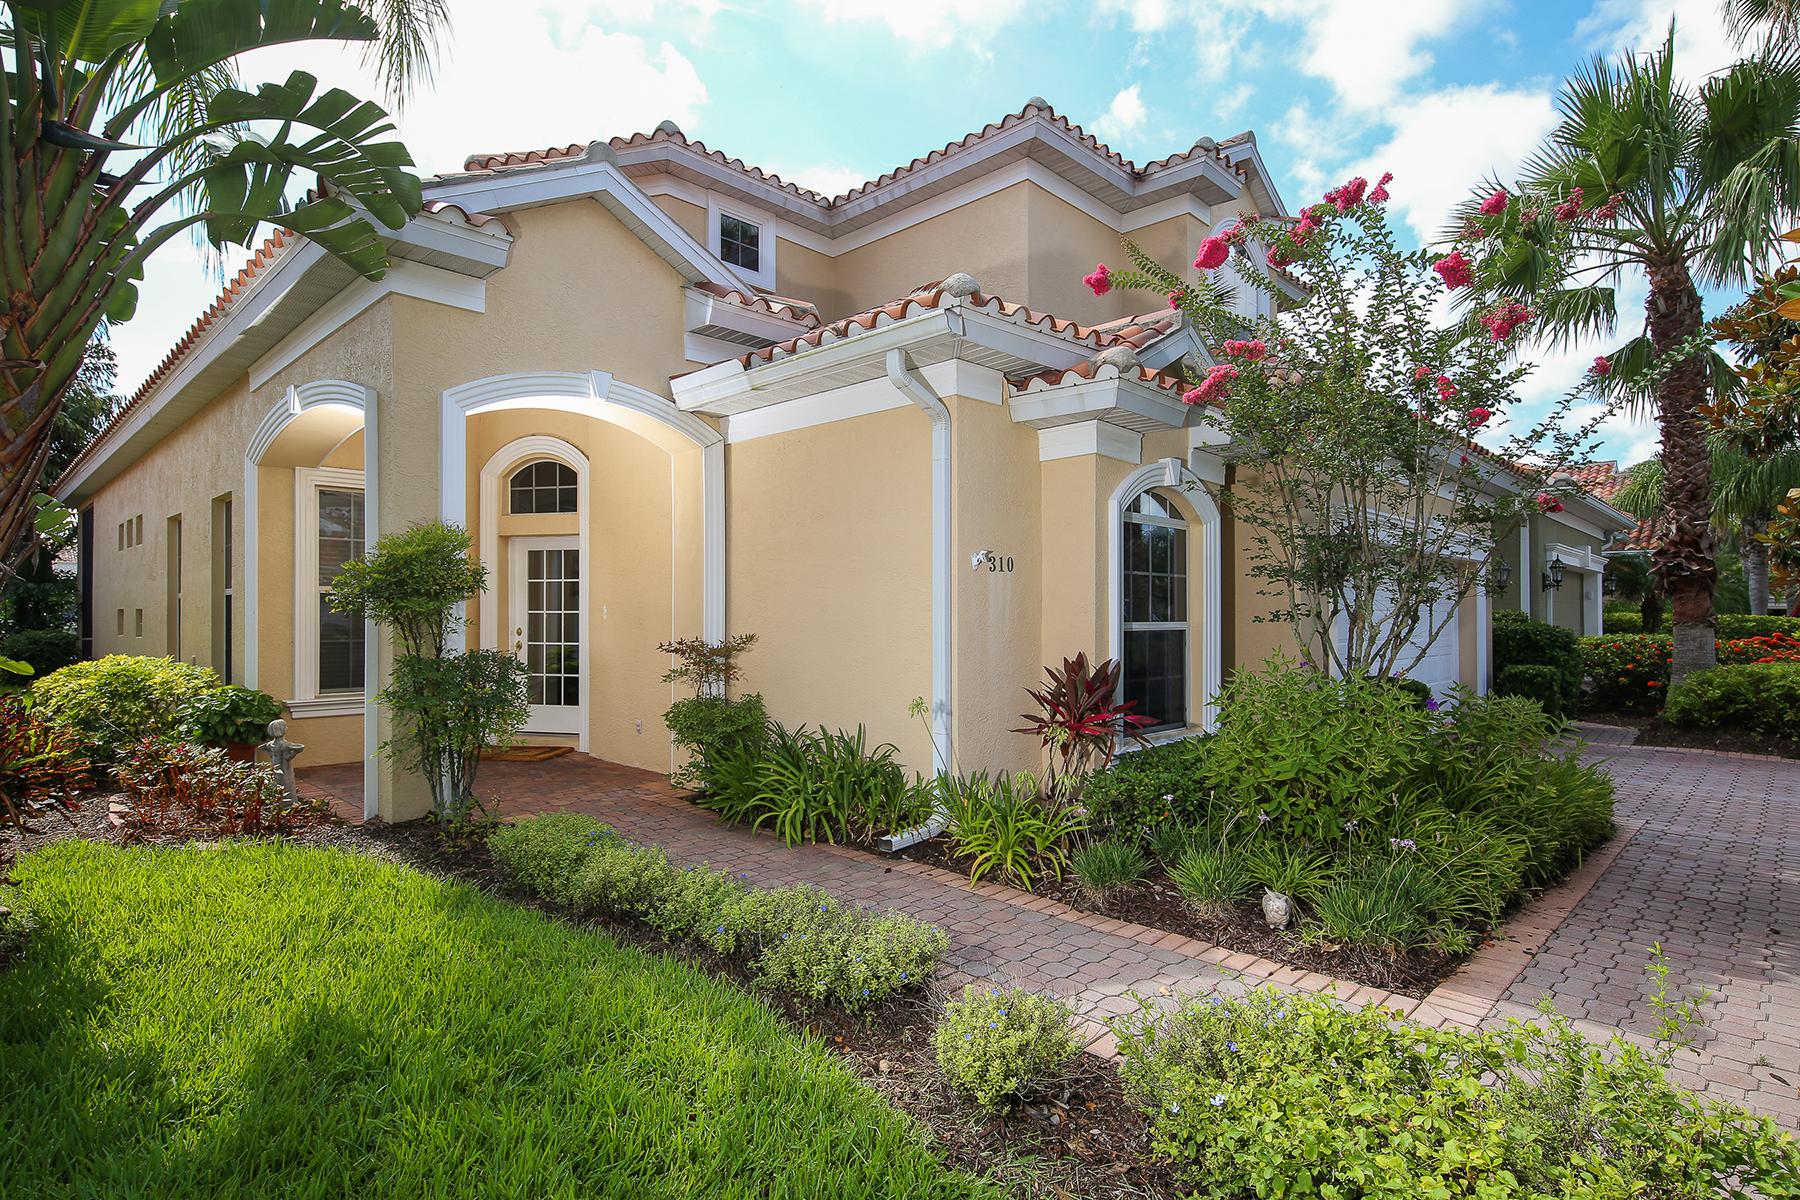 Einfamilienhaus für Verkauf beim RIVIERA DUNES 310 9th Ave E Palmetto, Florida, 34221 Vereinigte Staaten